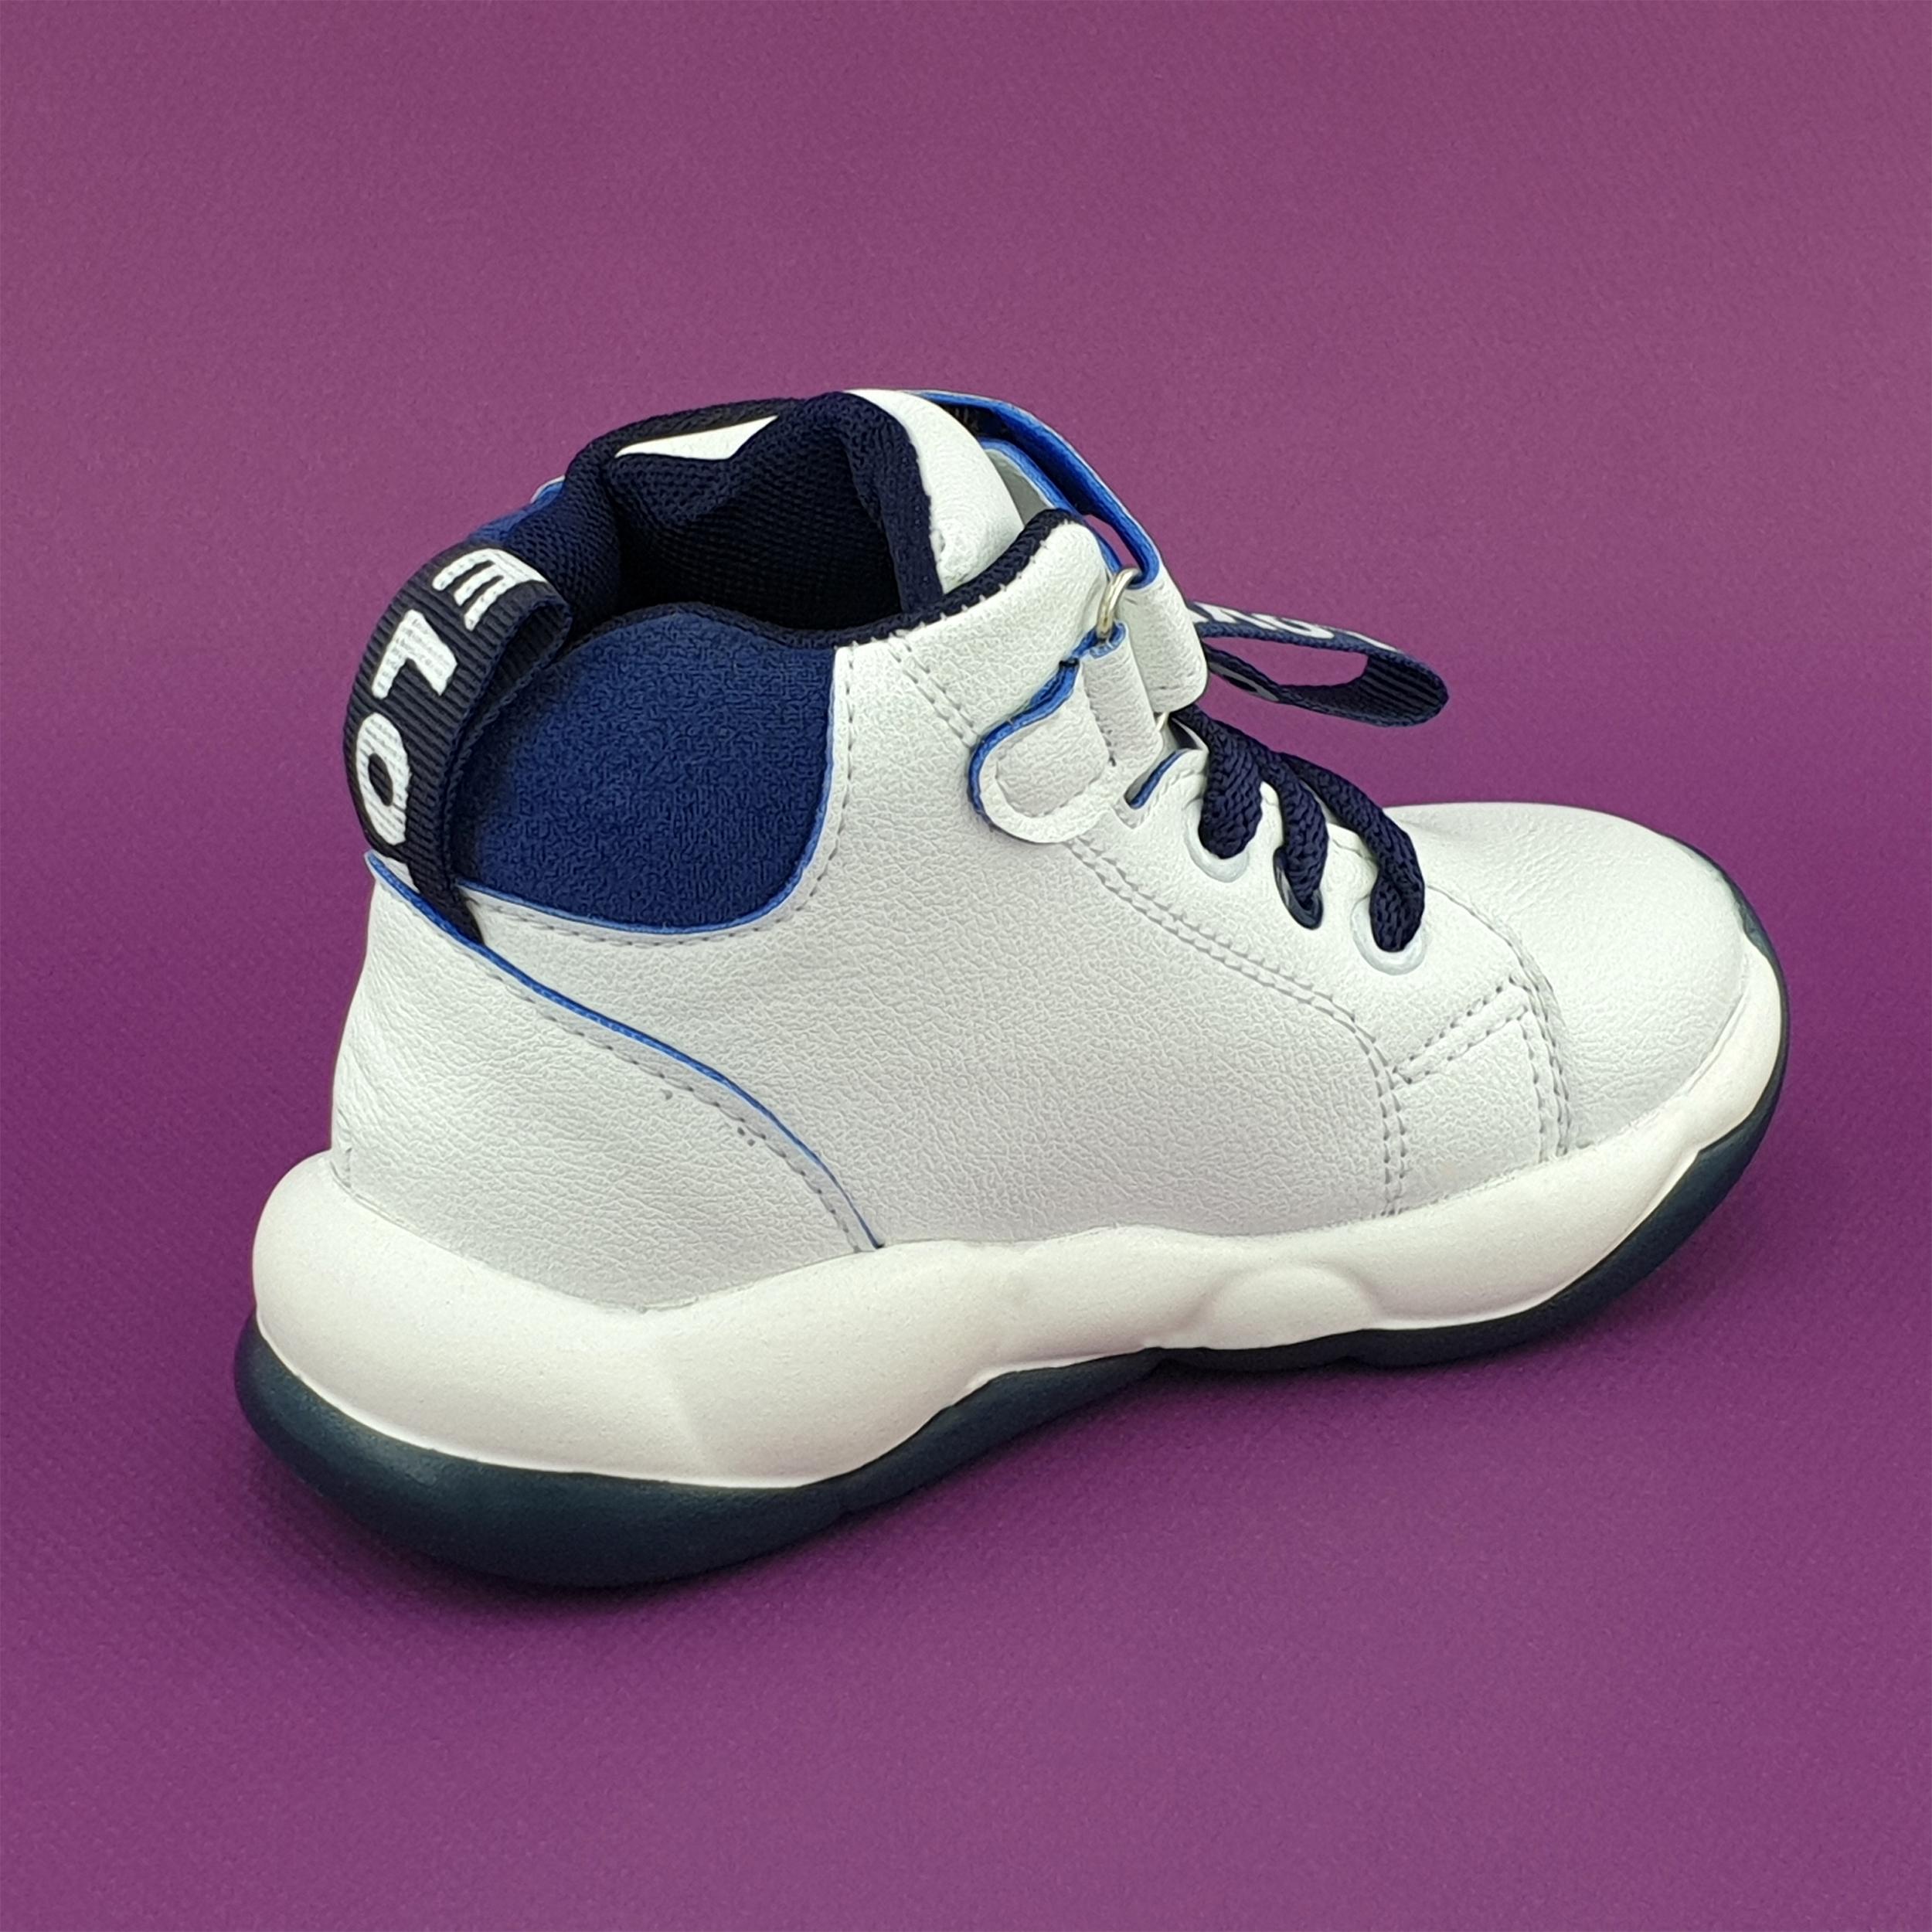 کفش راحتی بچگانه مدل 54864 -  - 6